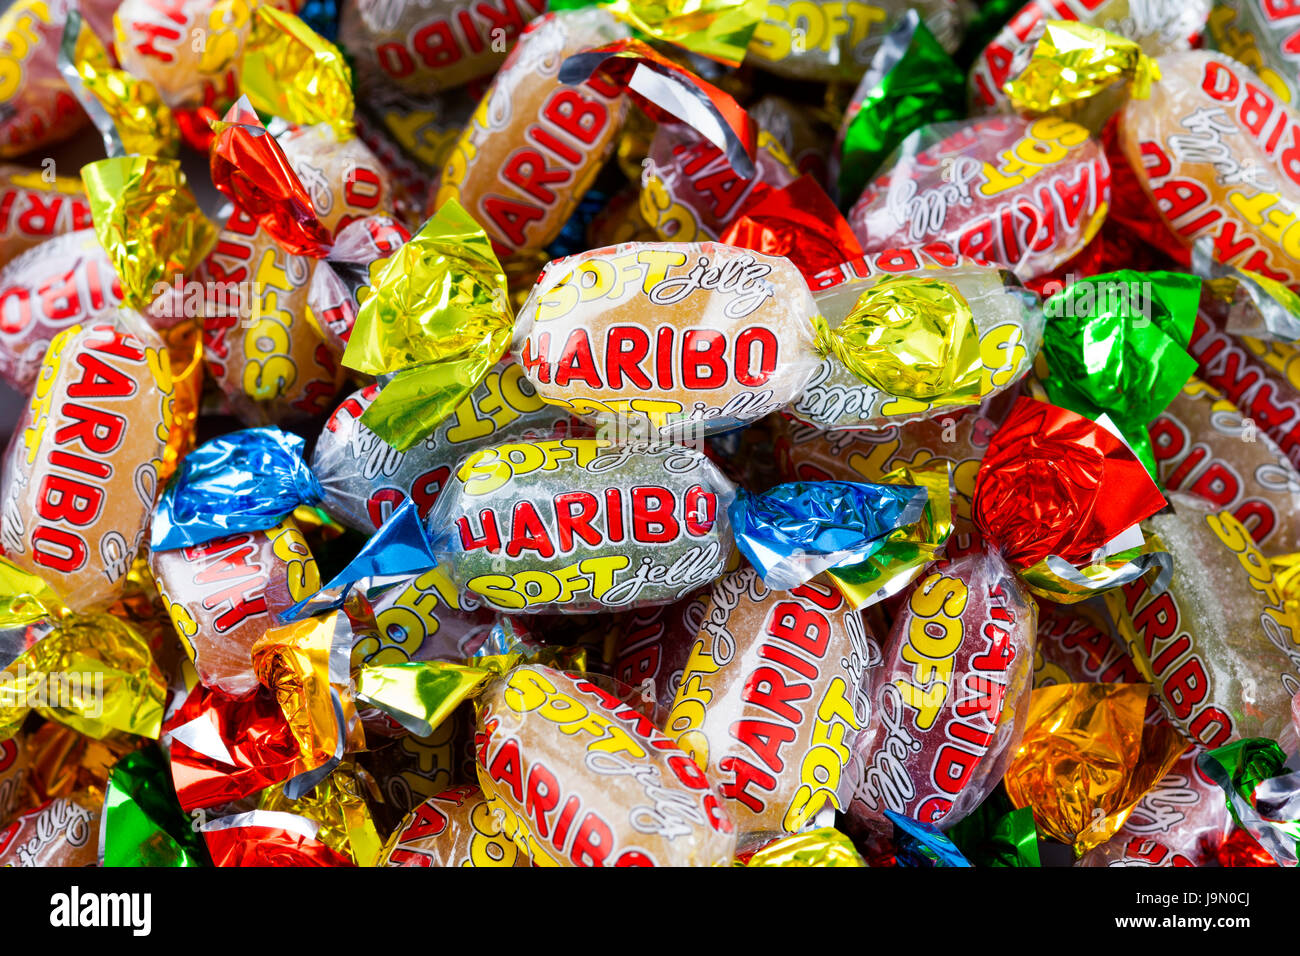 Tambov, Federazione Russa - Aprile 20, 2013 mucchio di Haribo soft jelly candy. Full frame. Studio shot. Foto Stock